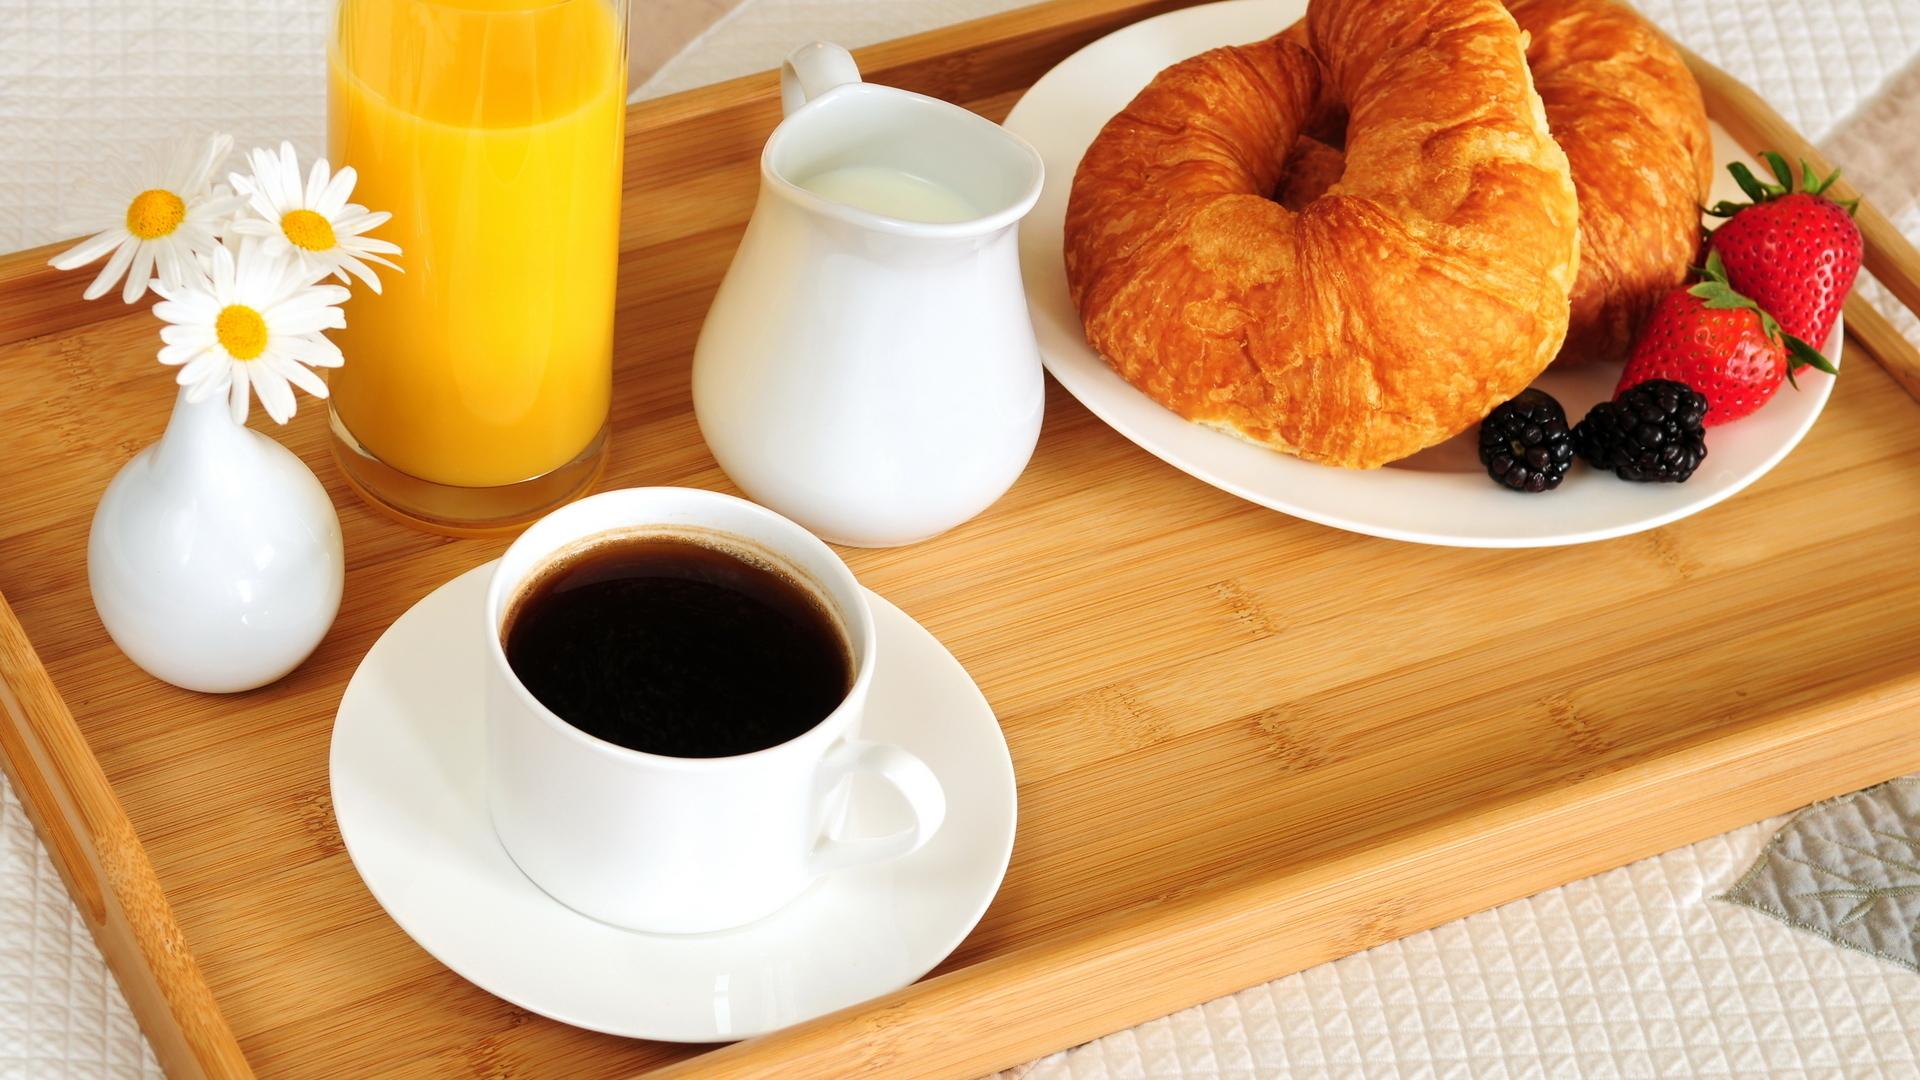 Кофе и круассаны - излюбленный завтрак французов